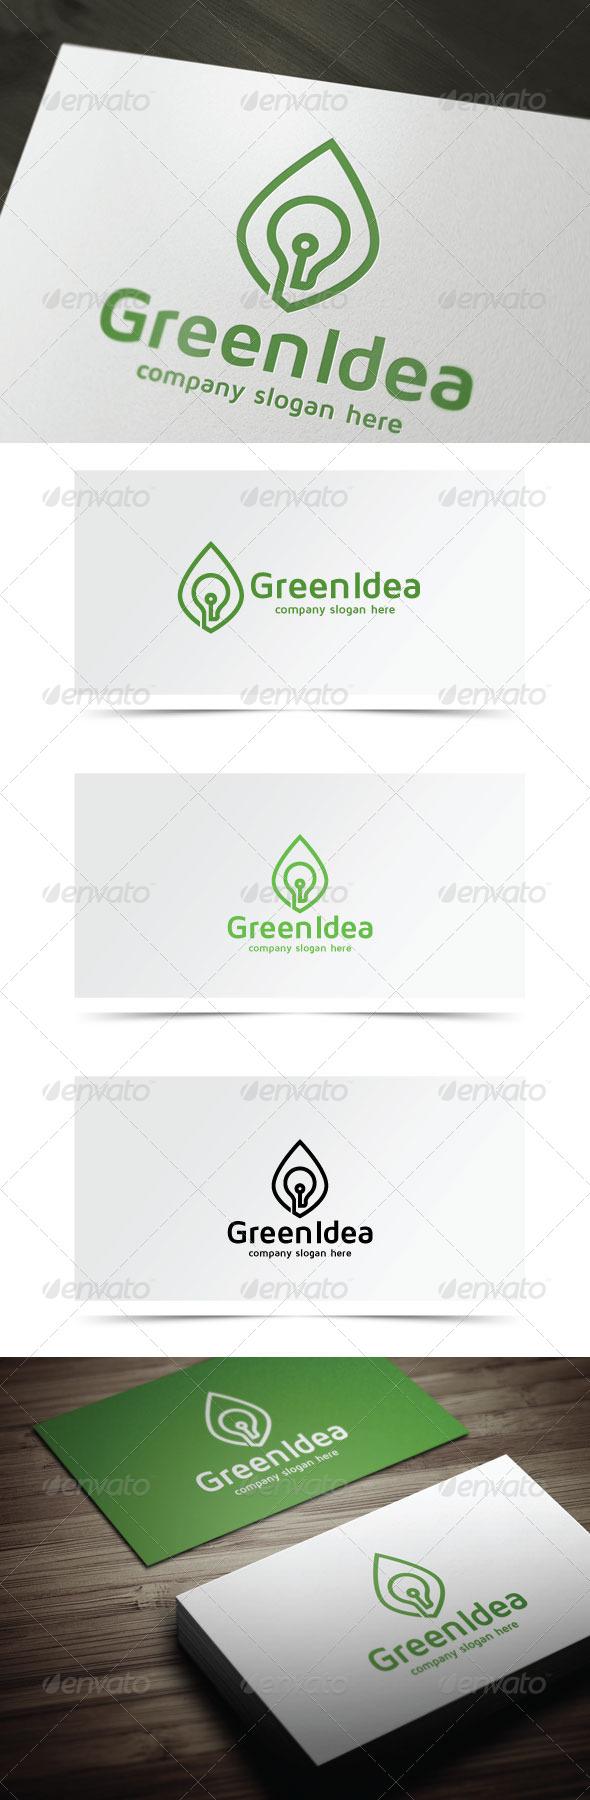 GraphicRiver Green Idea 7501808